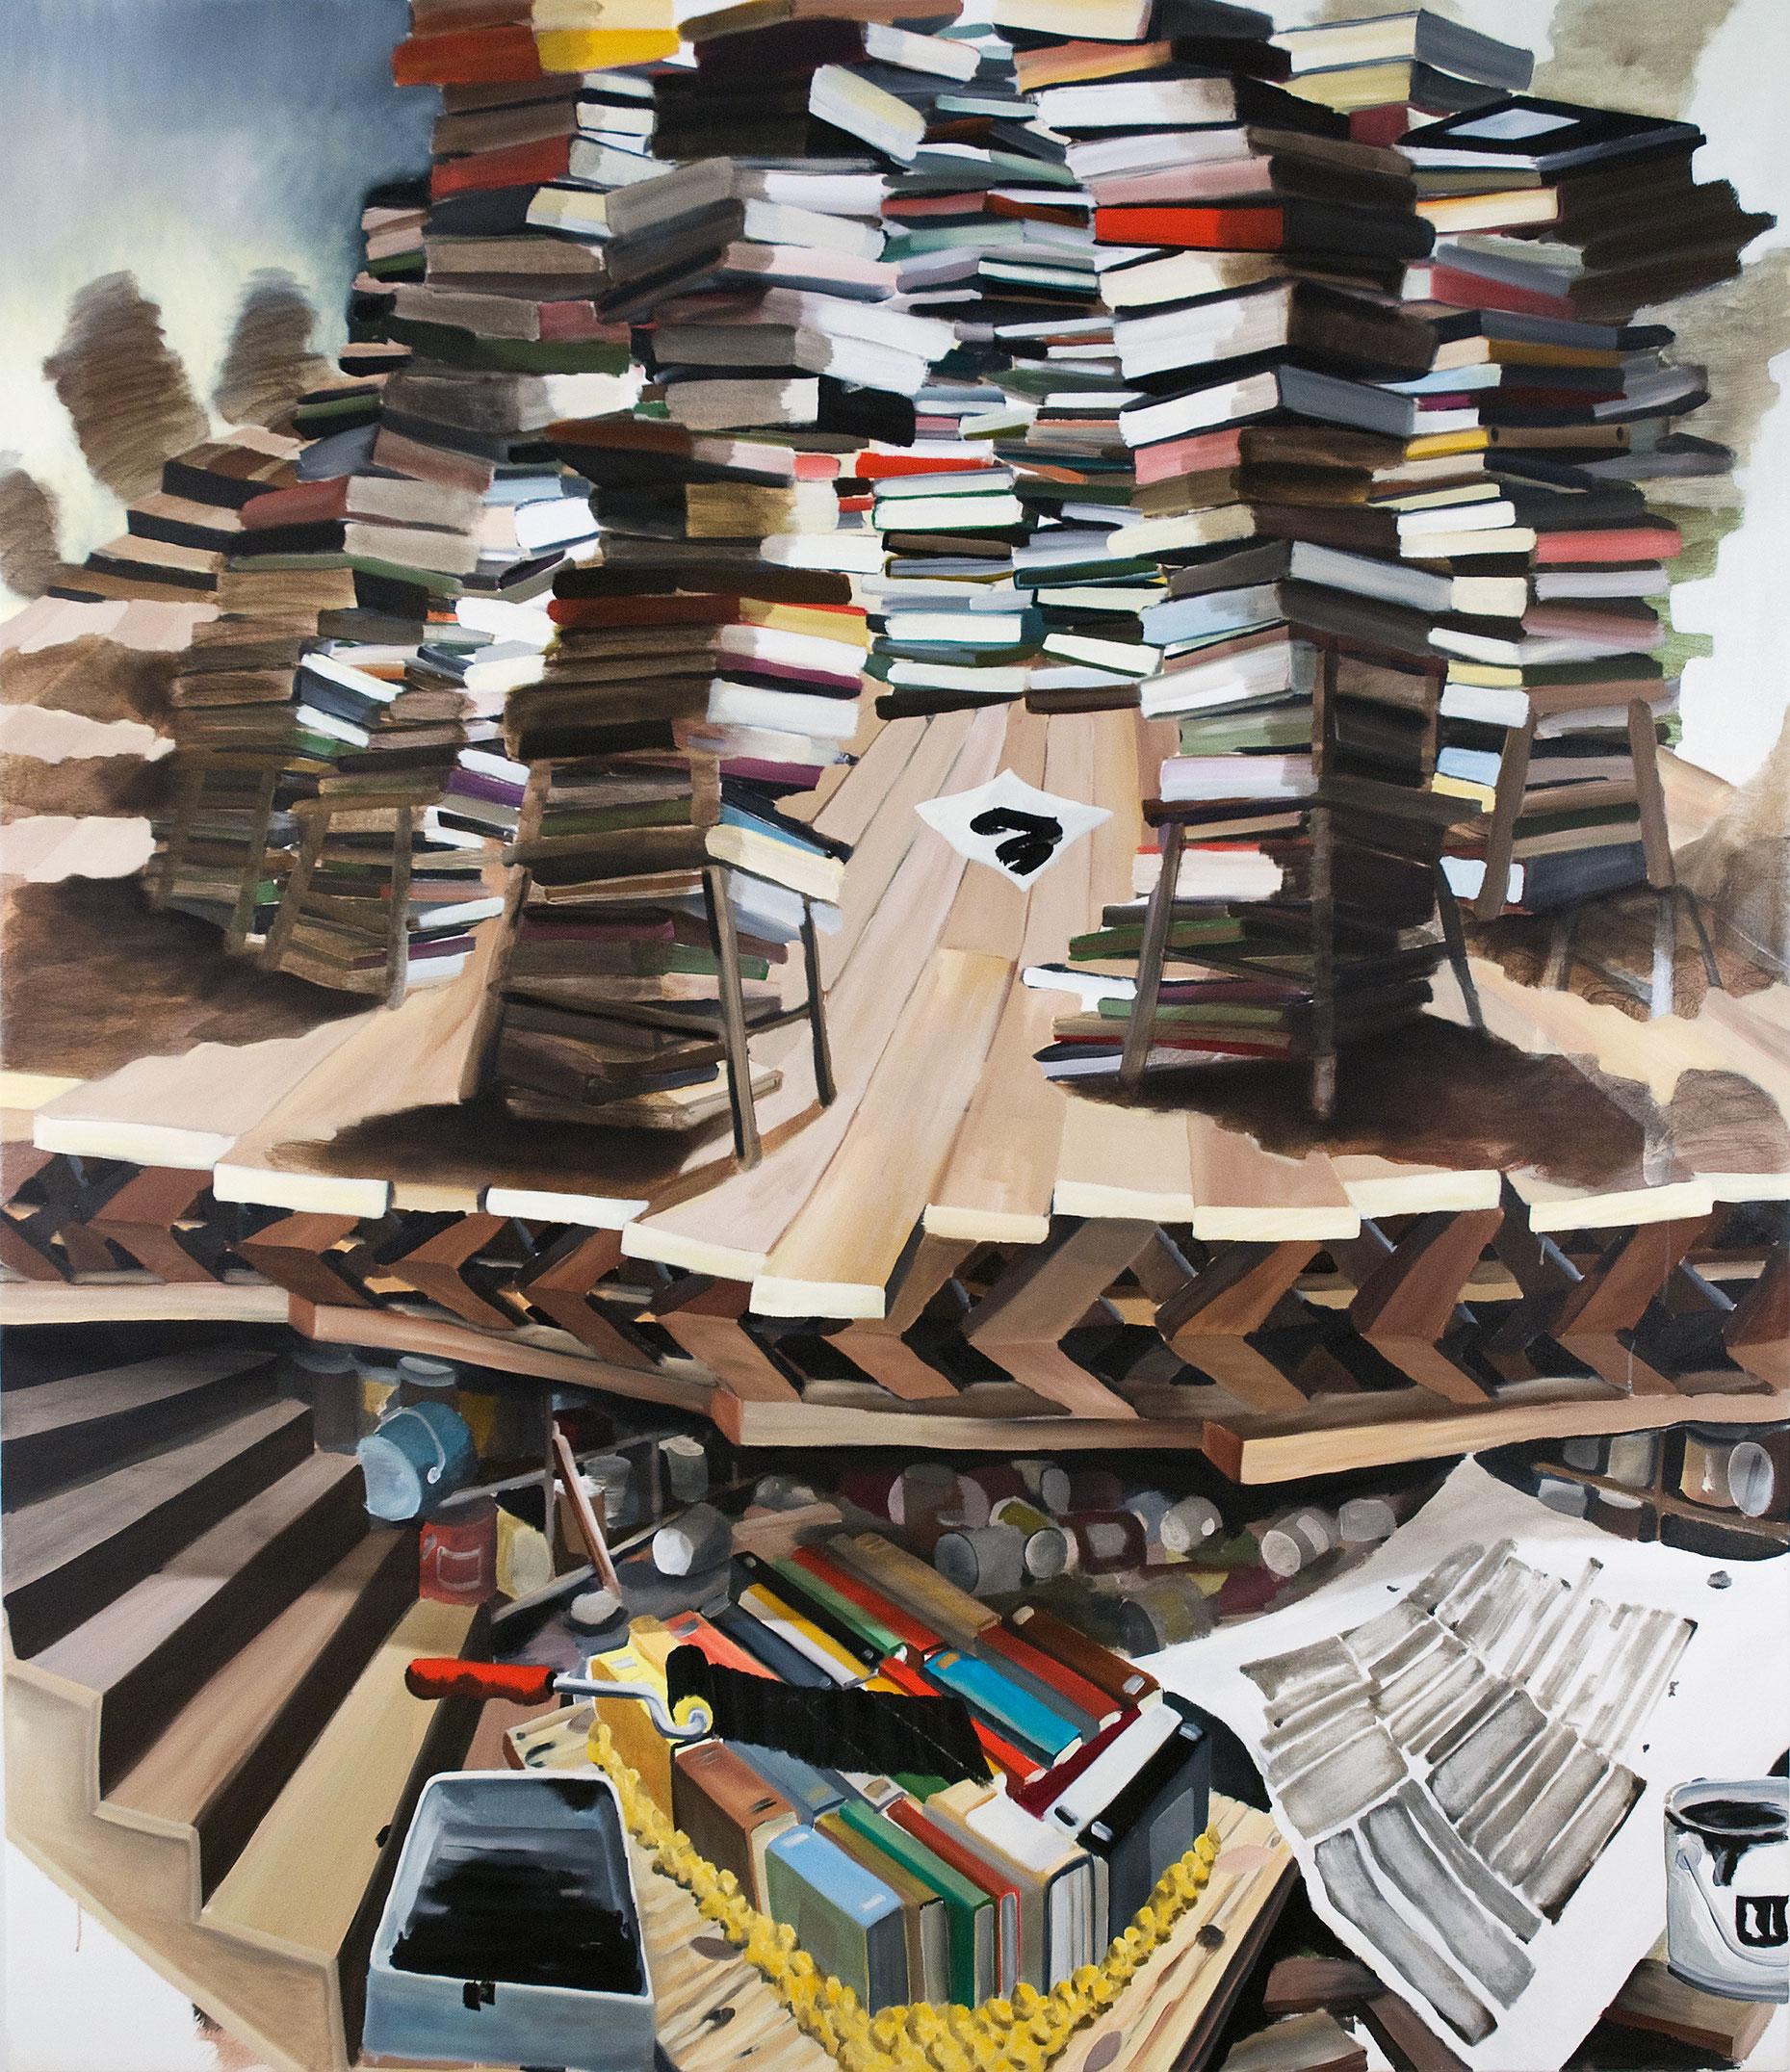 Marked, 2008, Etienne Zack, Acrylique et huile sur toile.